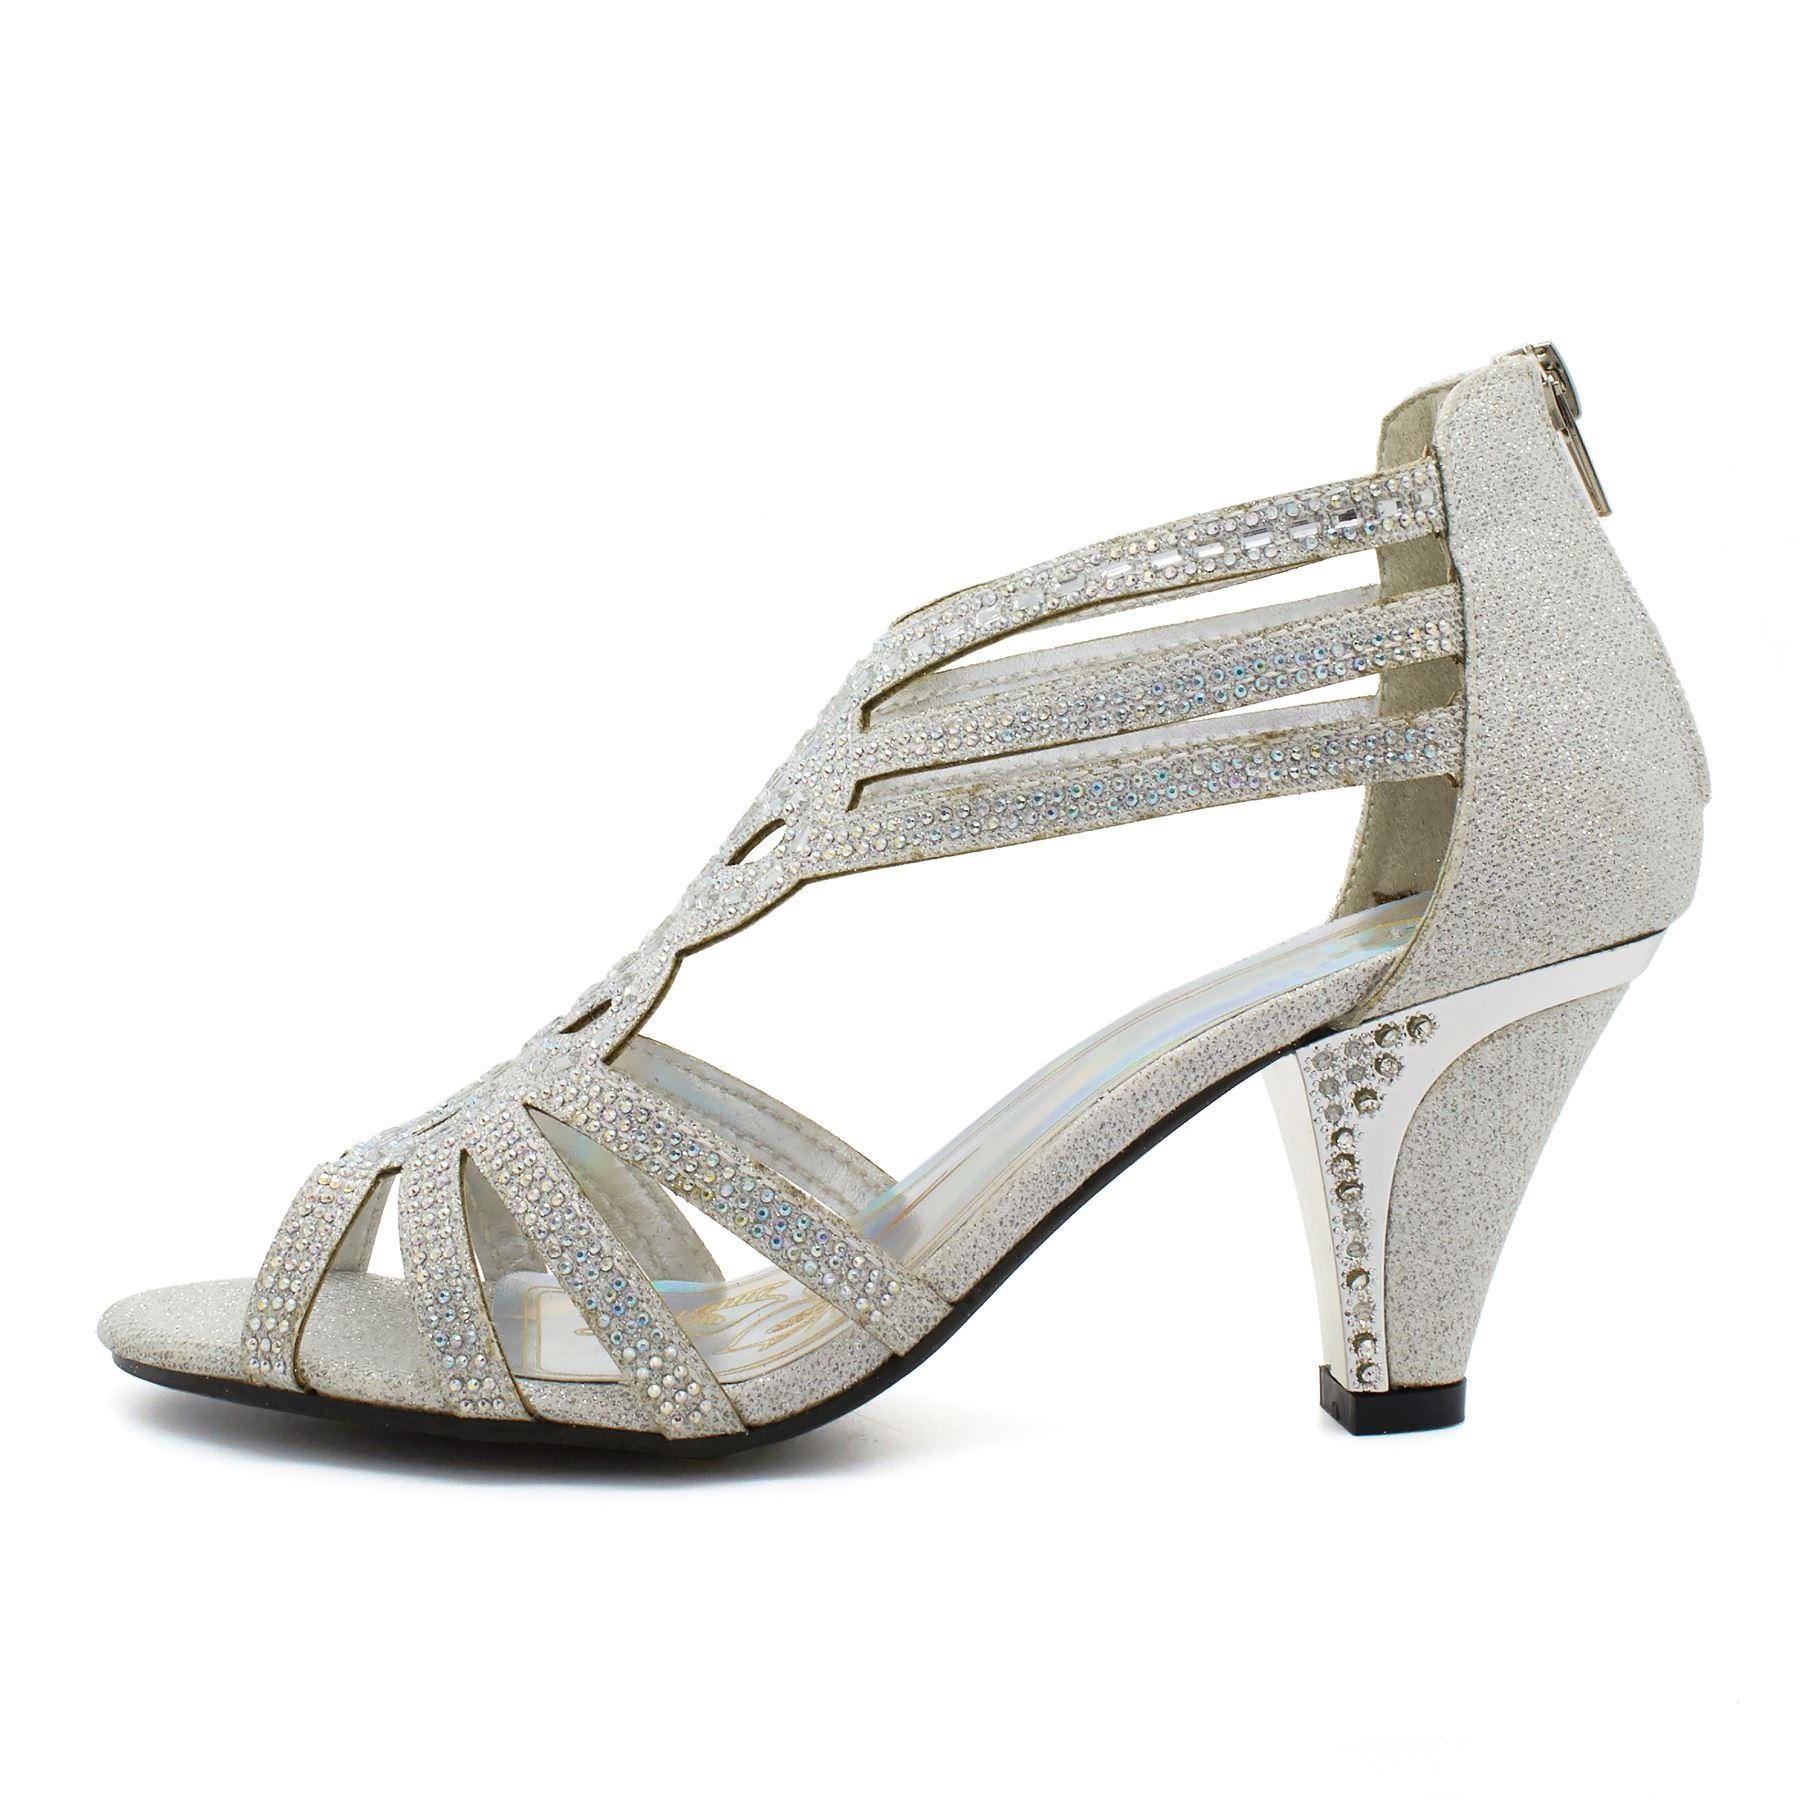 Mid Heel Wedding Shoes Uk